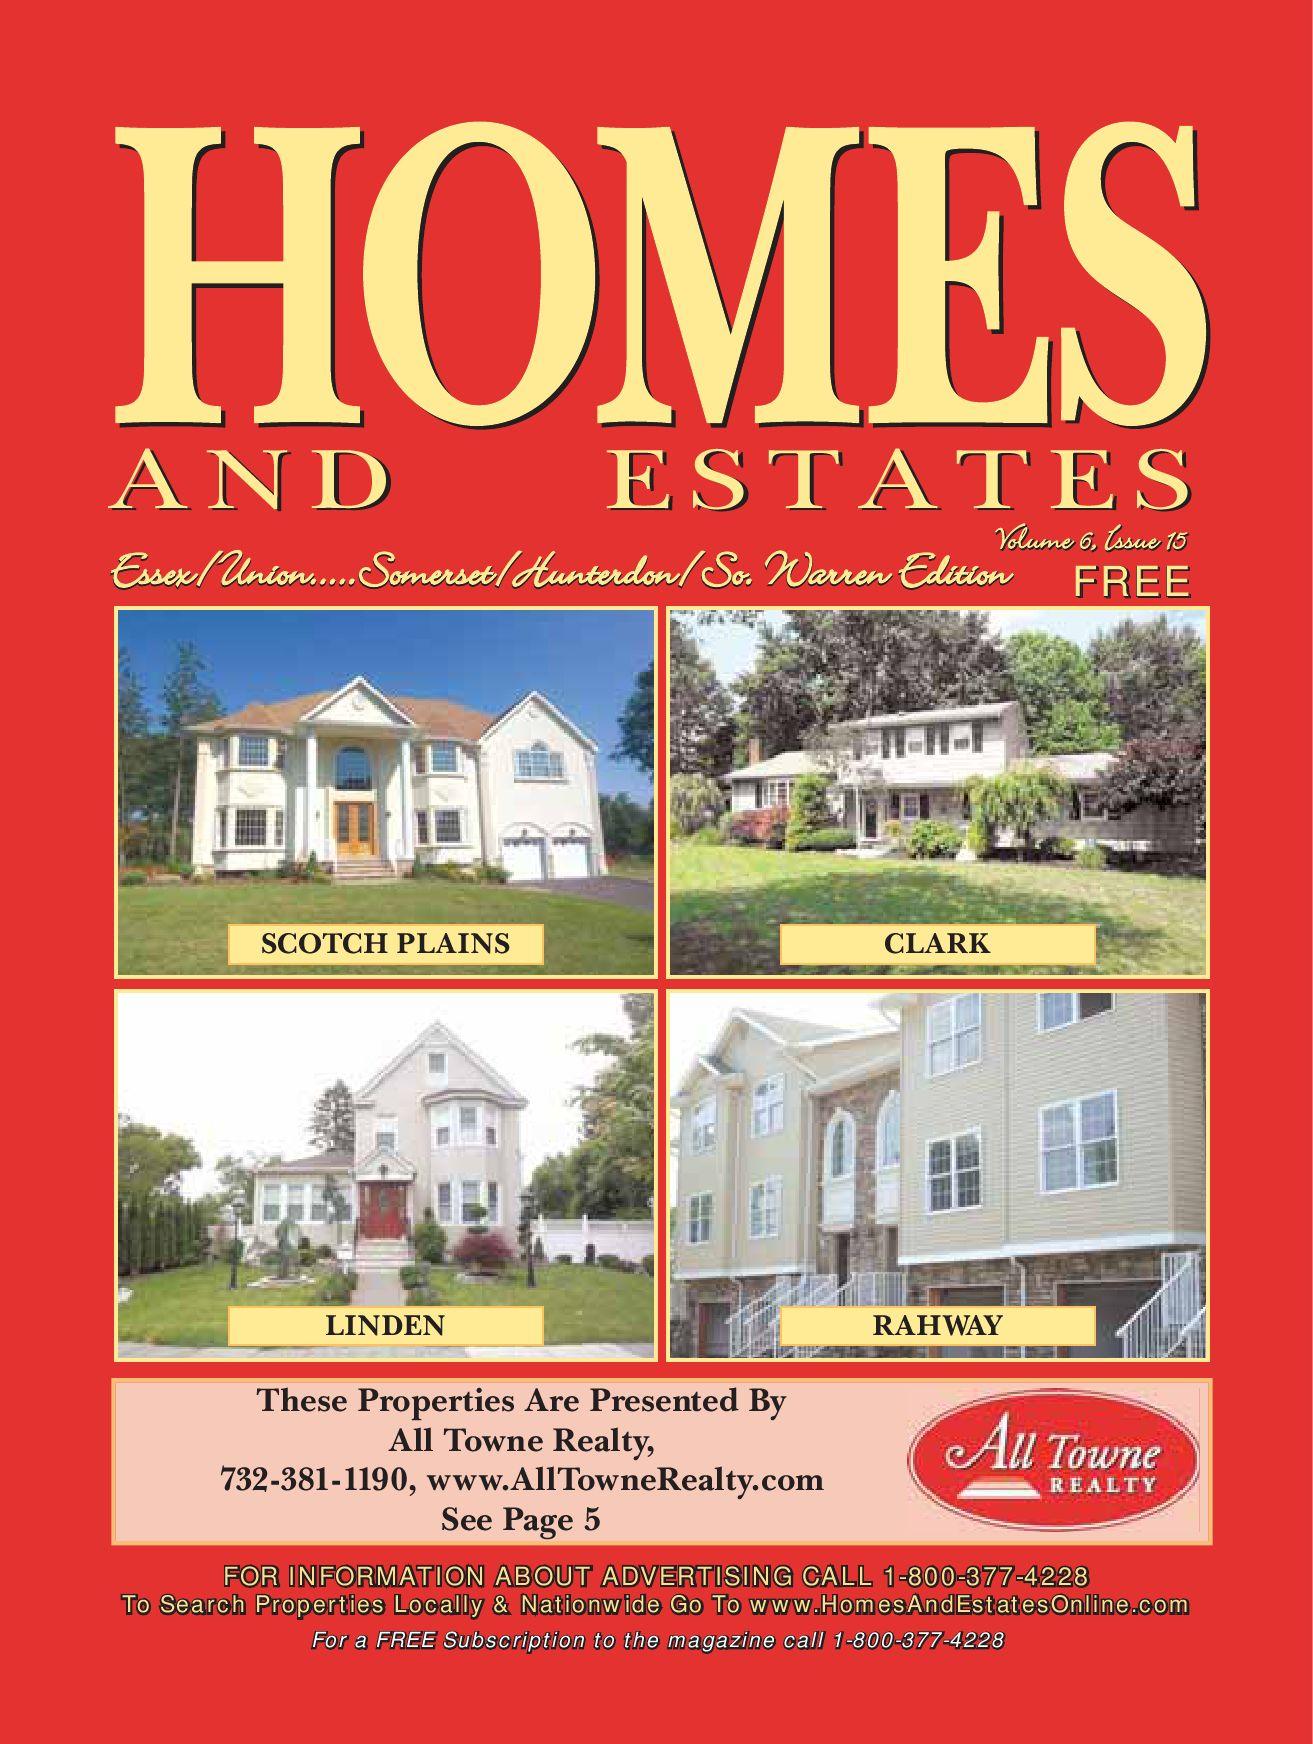 homes and estates magazine essex somerset nj by gene. Black Bedroom Furniture Sets. Home Design Ideas